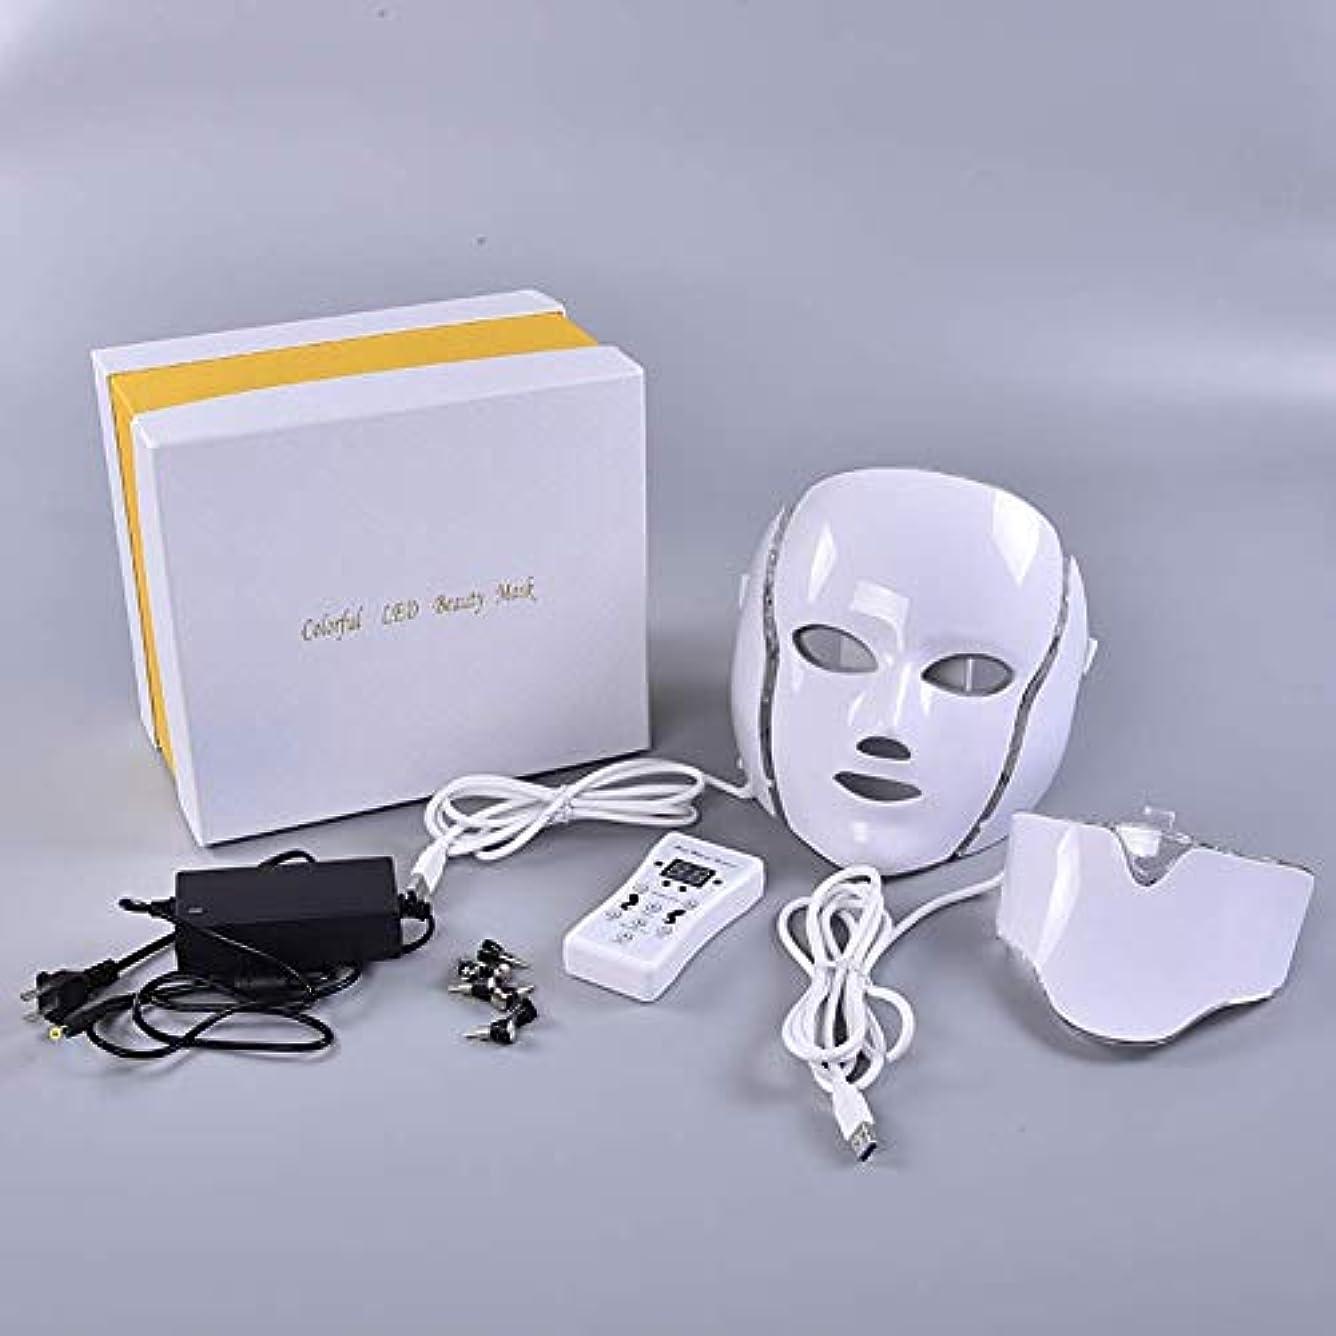 Led肌光線療法器具、7色ledライト光子ネオン白熱フェイシャルライト肌の若返りledフェイスマスクケア治療美容